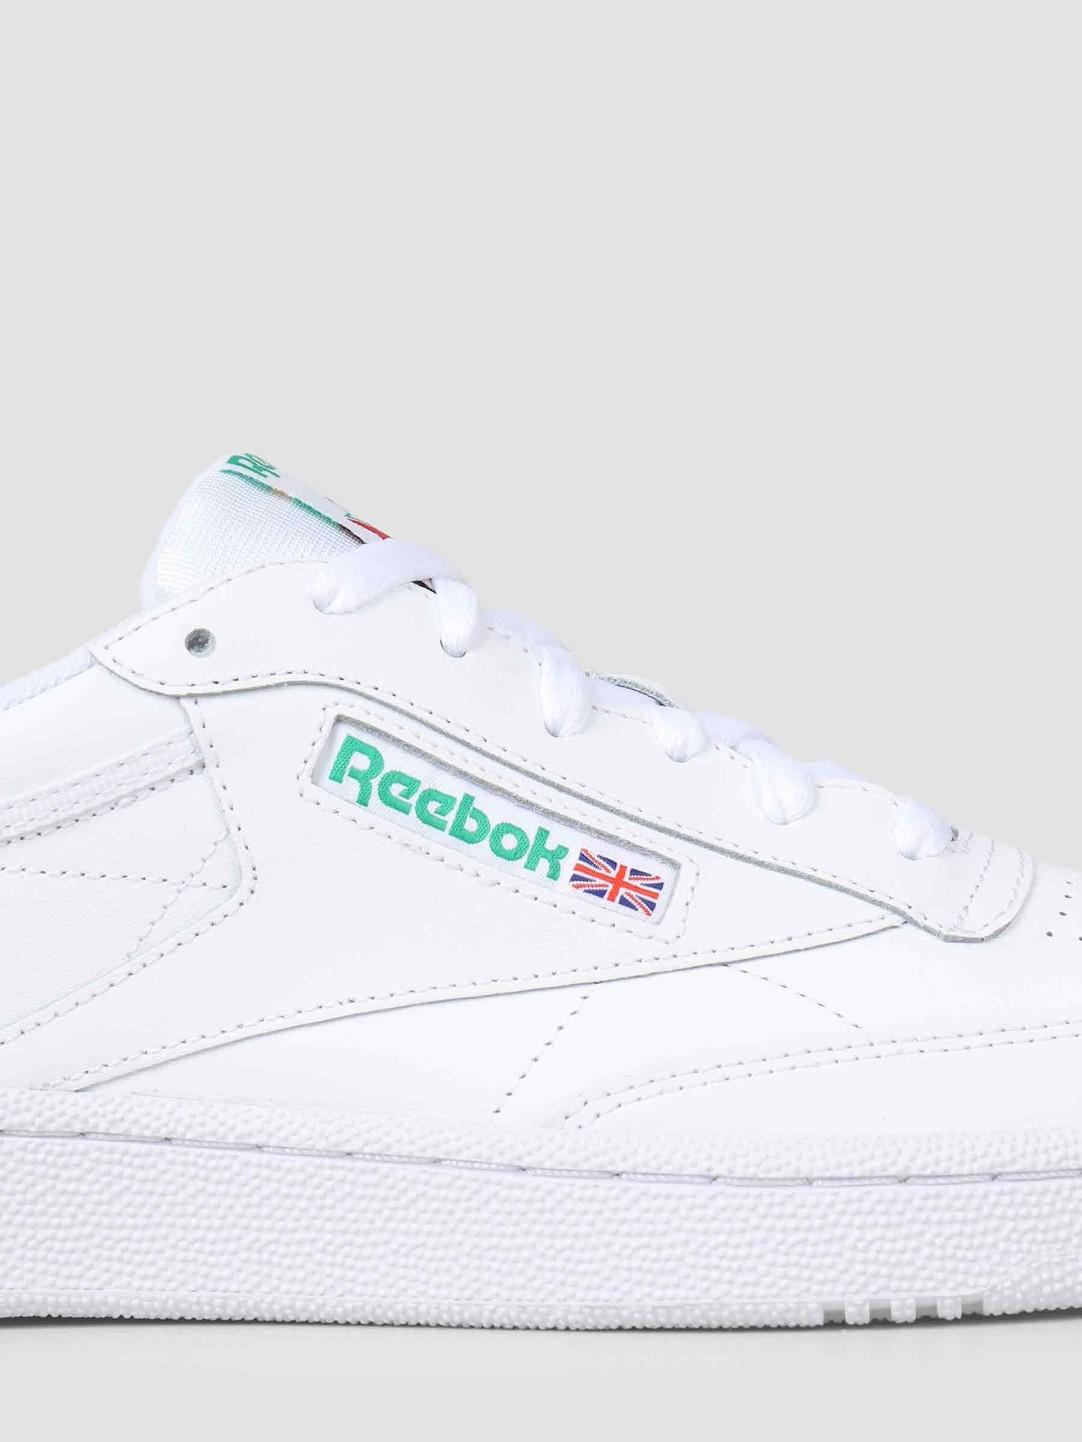 Reebok Reebok Club C 85 White Green AR0456